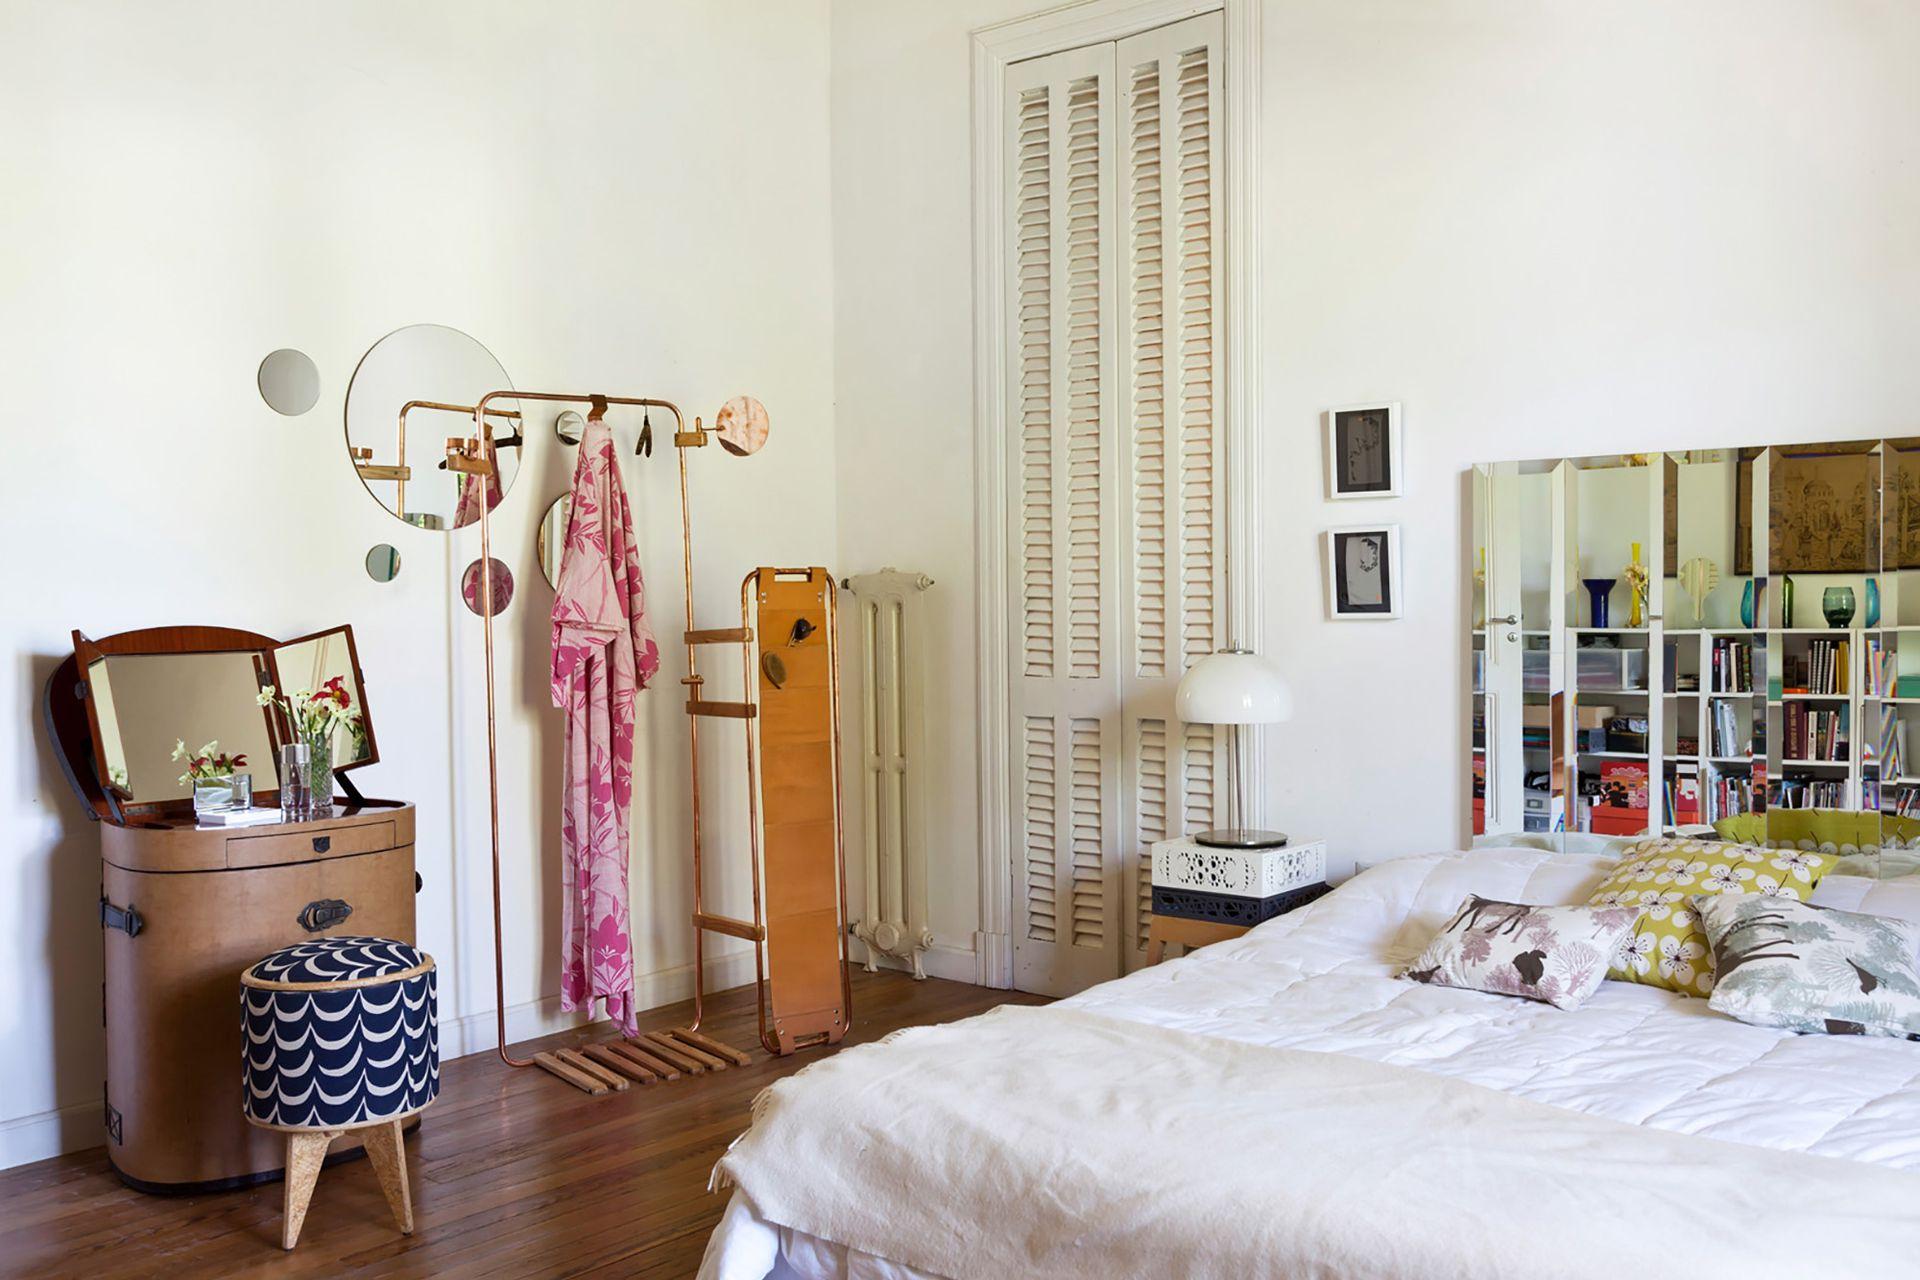 """En el dormitorio principal, la cama baja se coronó con un panel de espejos biselados que duplican el espacio. El perchero pertenece a la serie """"Lynko""""."""